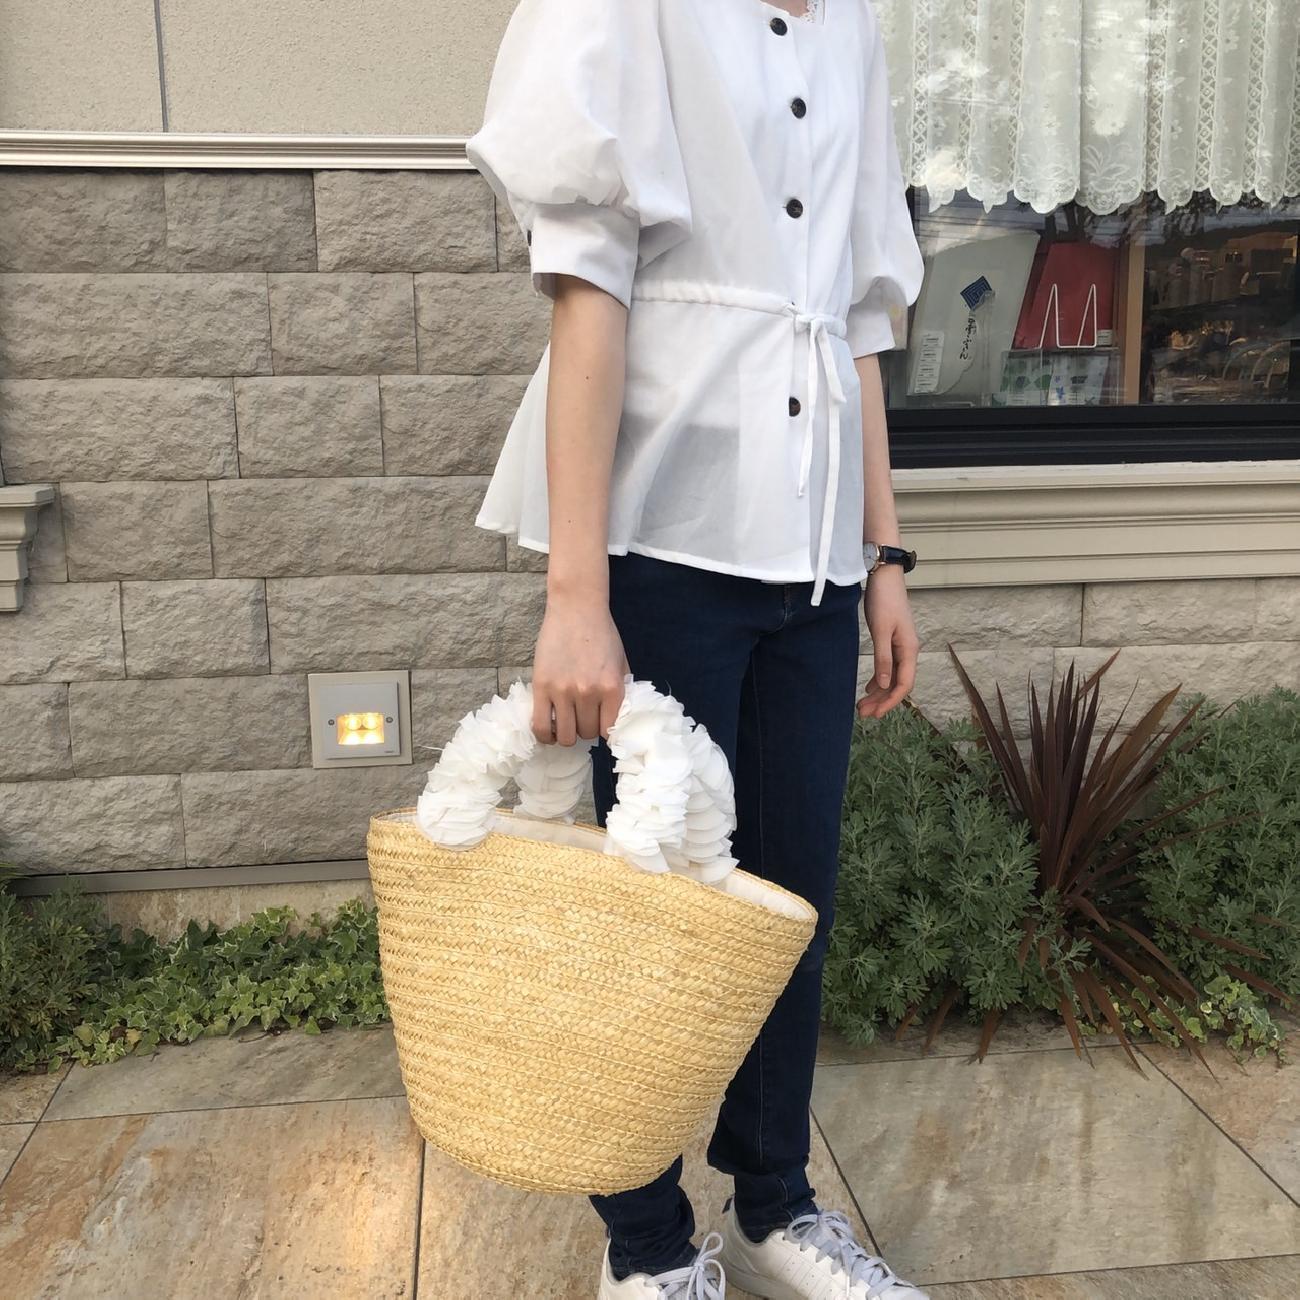 カゴバッグ/夏/夏コーデ/コーディネート/お出かけ/大人可愛い/雑貨